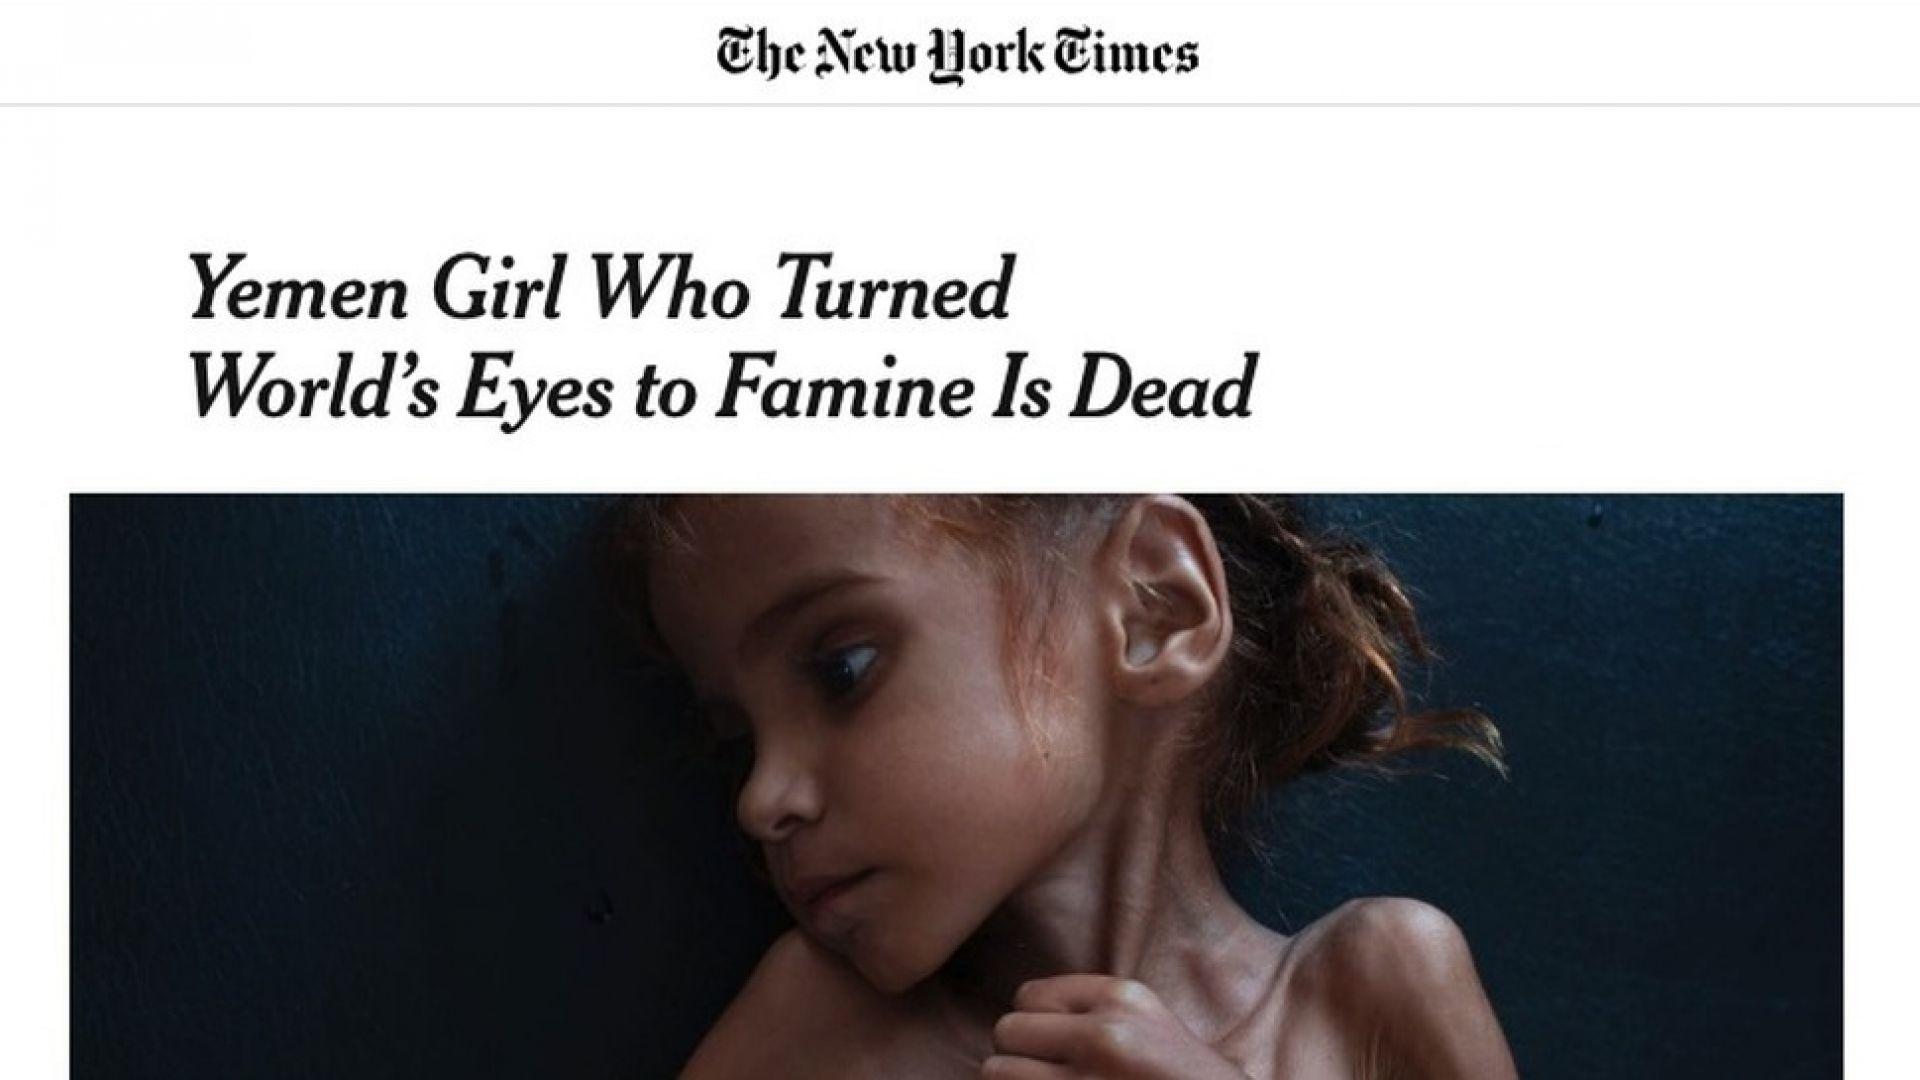 Почина символът на хуманитарната криза в Йемен